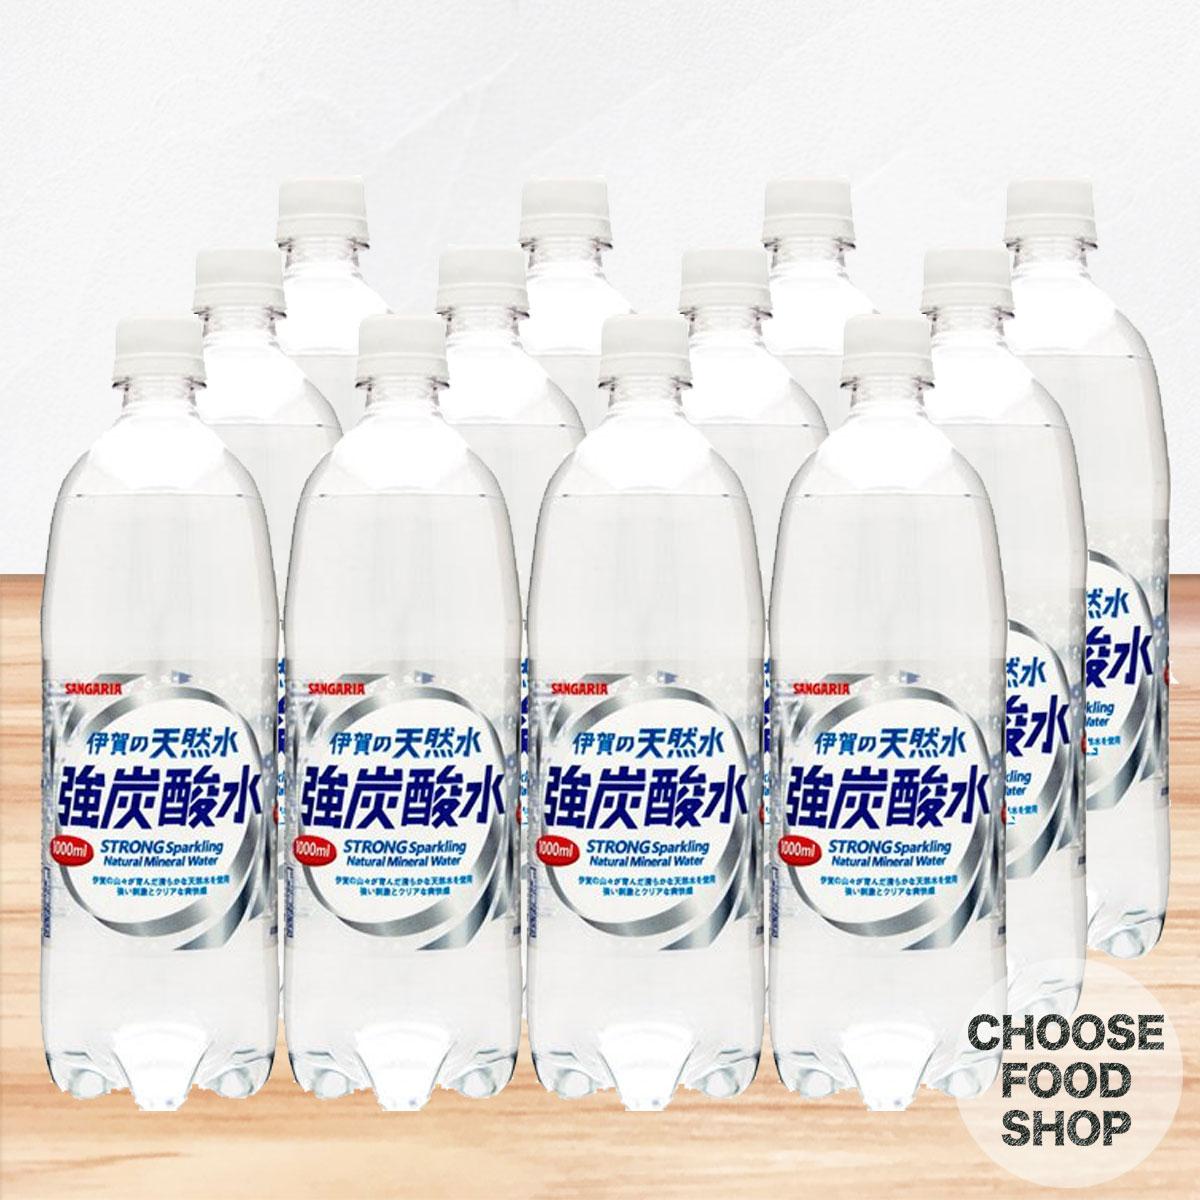 サンガリア 伊賀の天然水 強炭酸水 1000ml(1L)×12本入×1ケース スパークリング